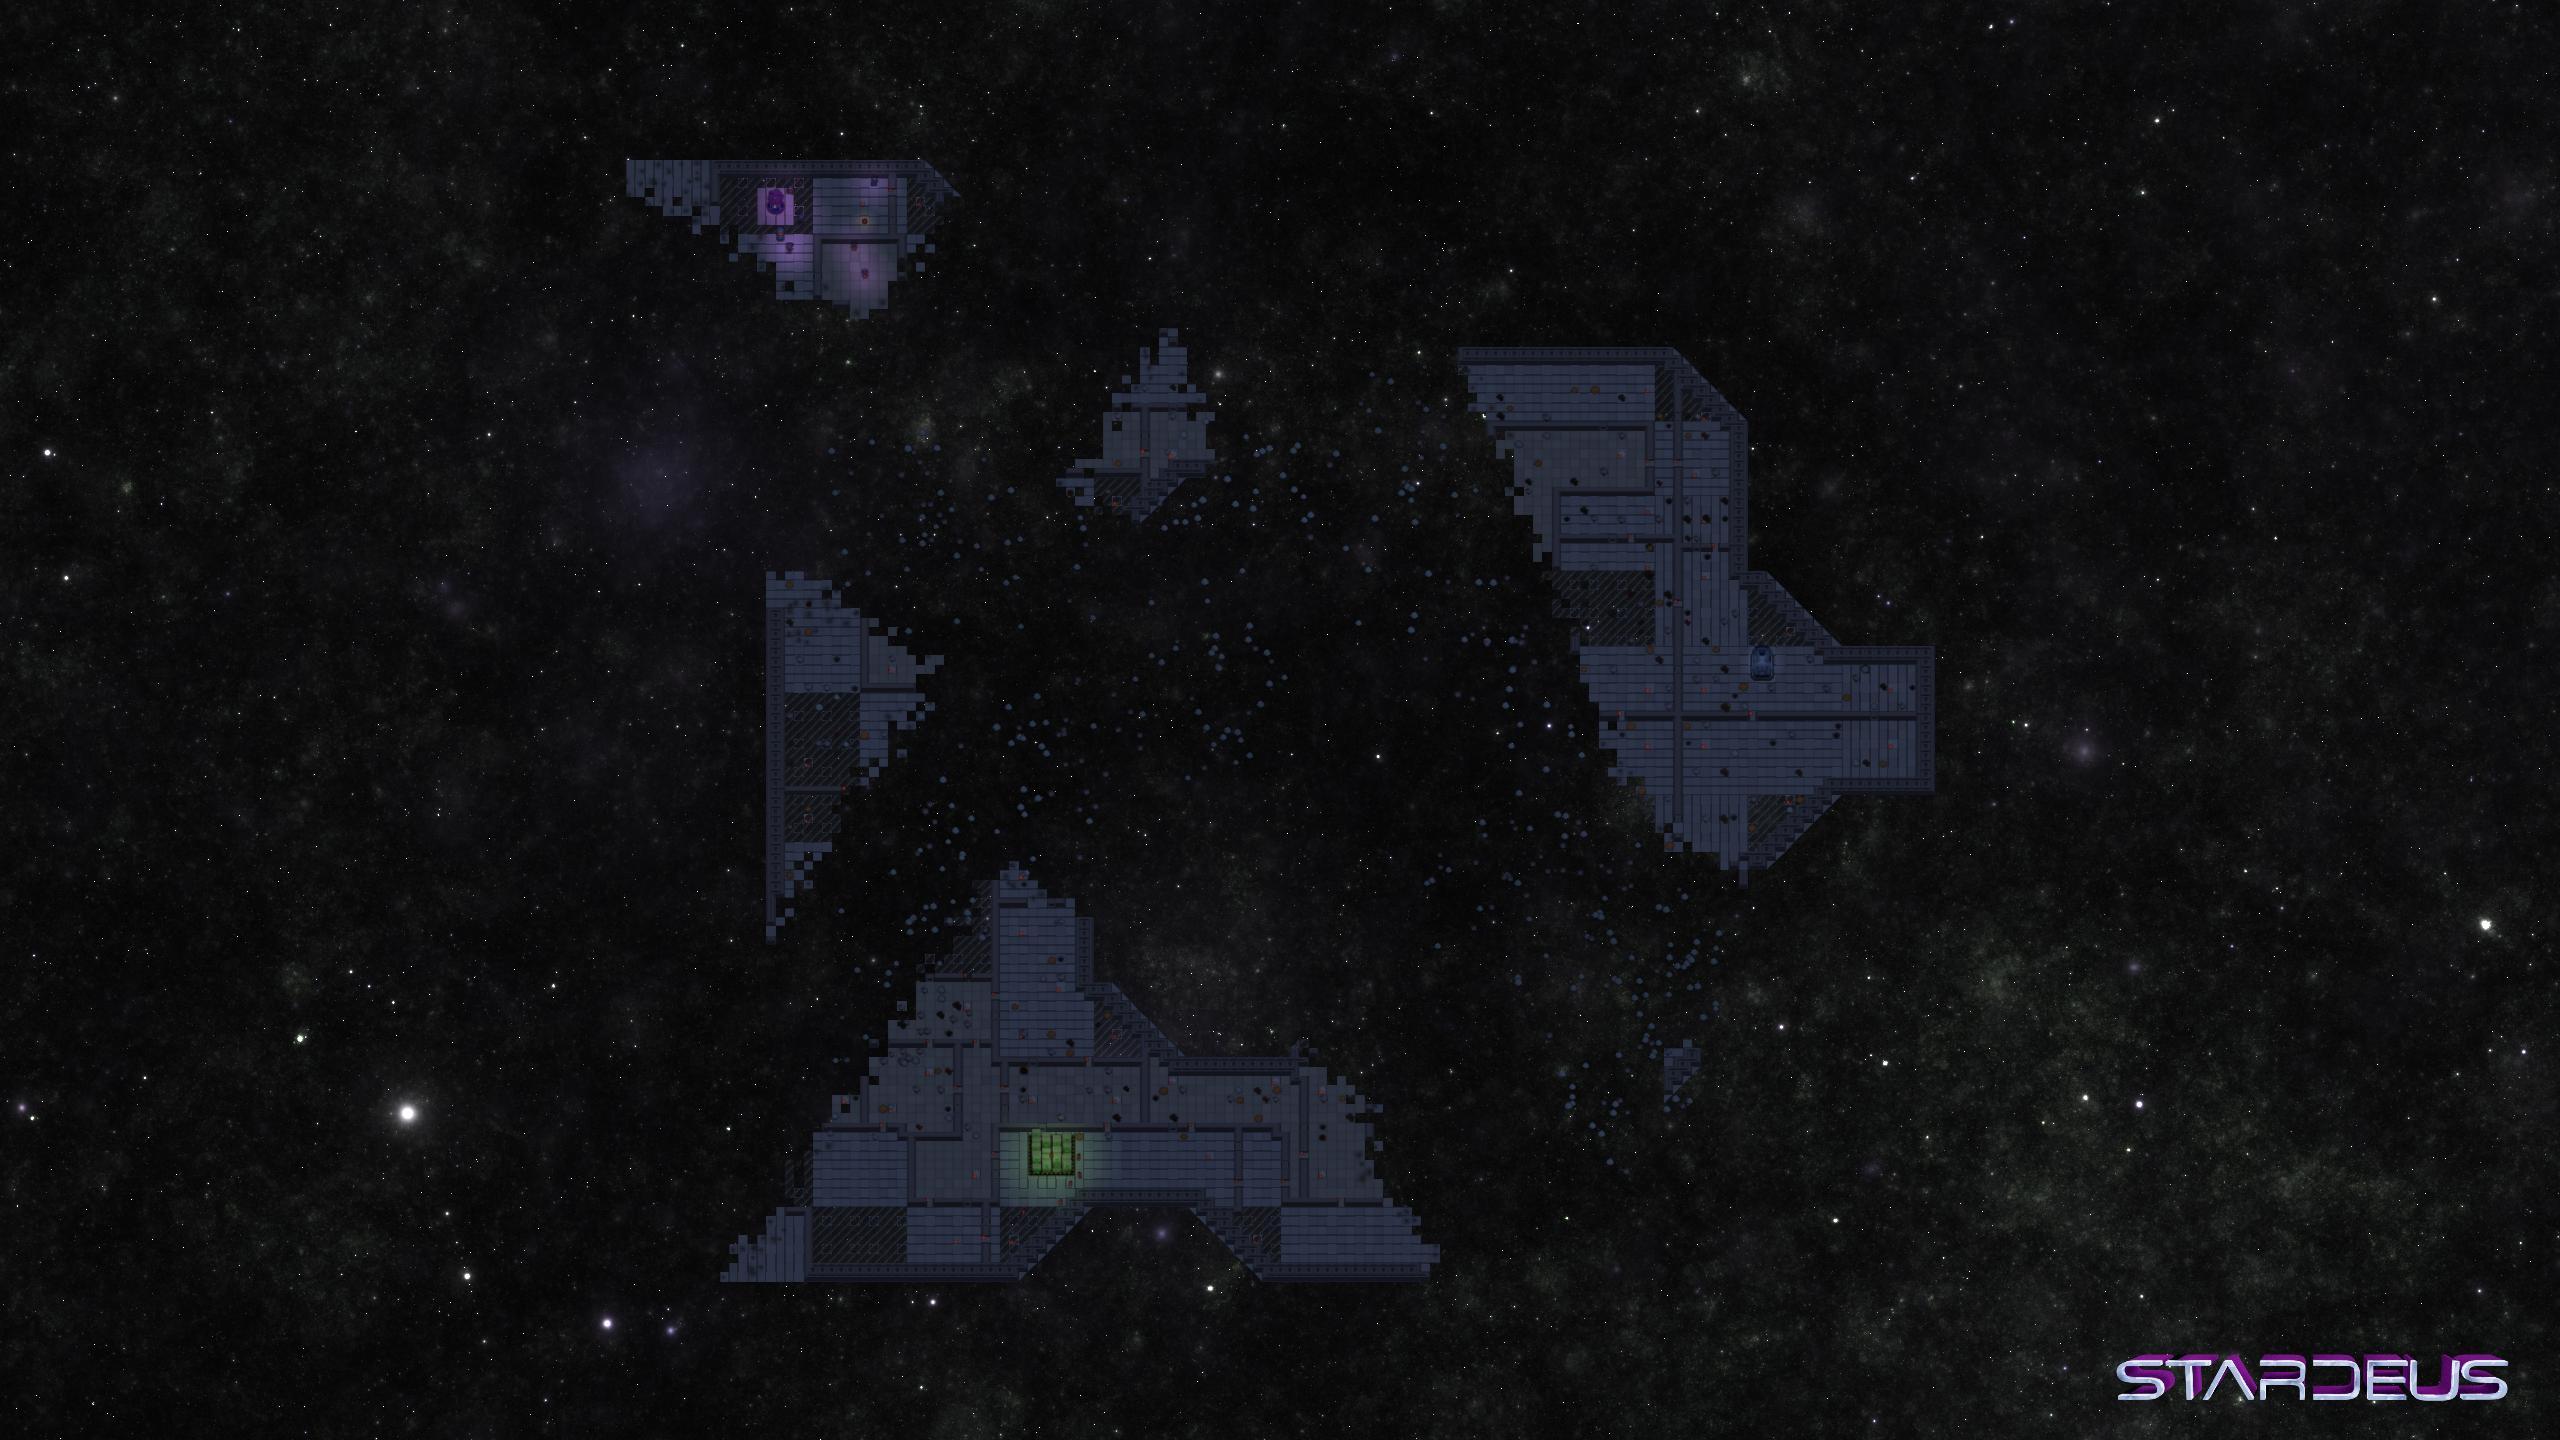 Stardeus0014.jpg